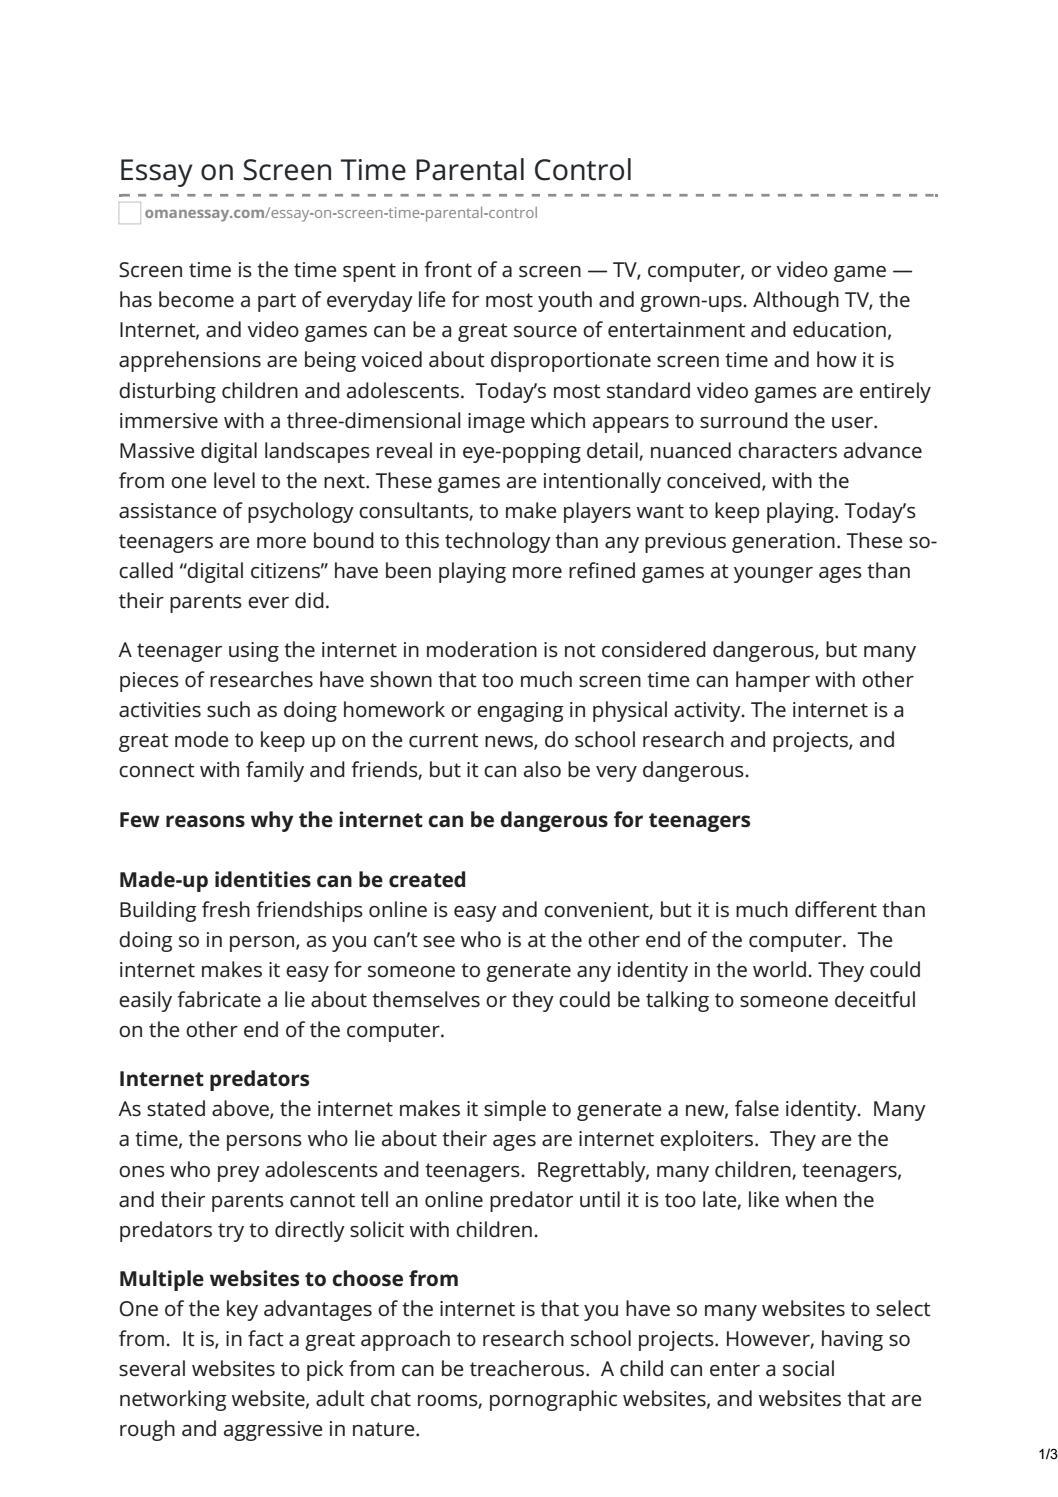 Ap language composition research paper